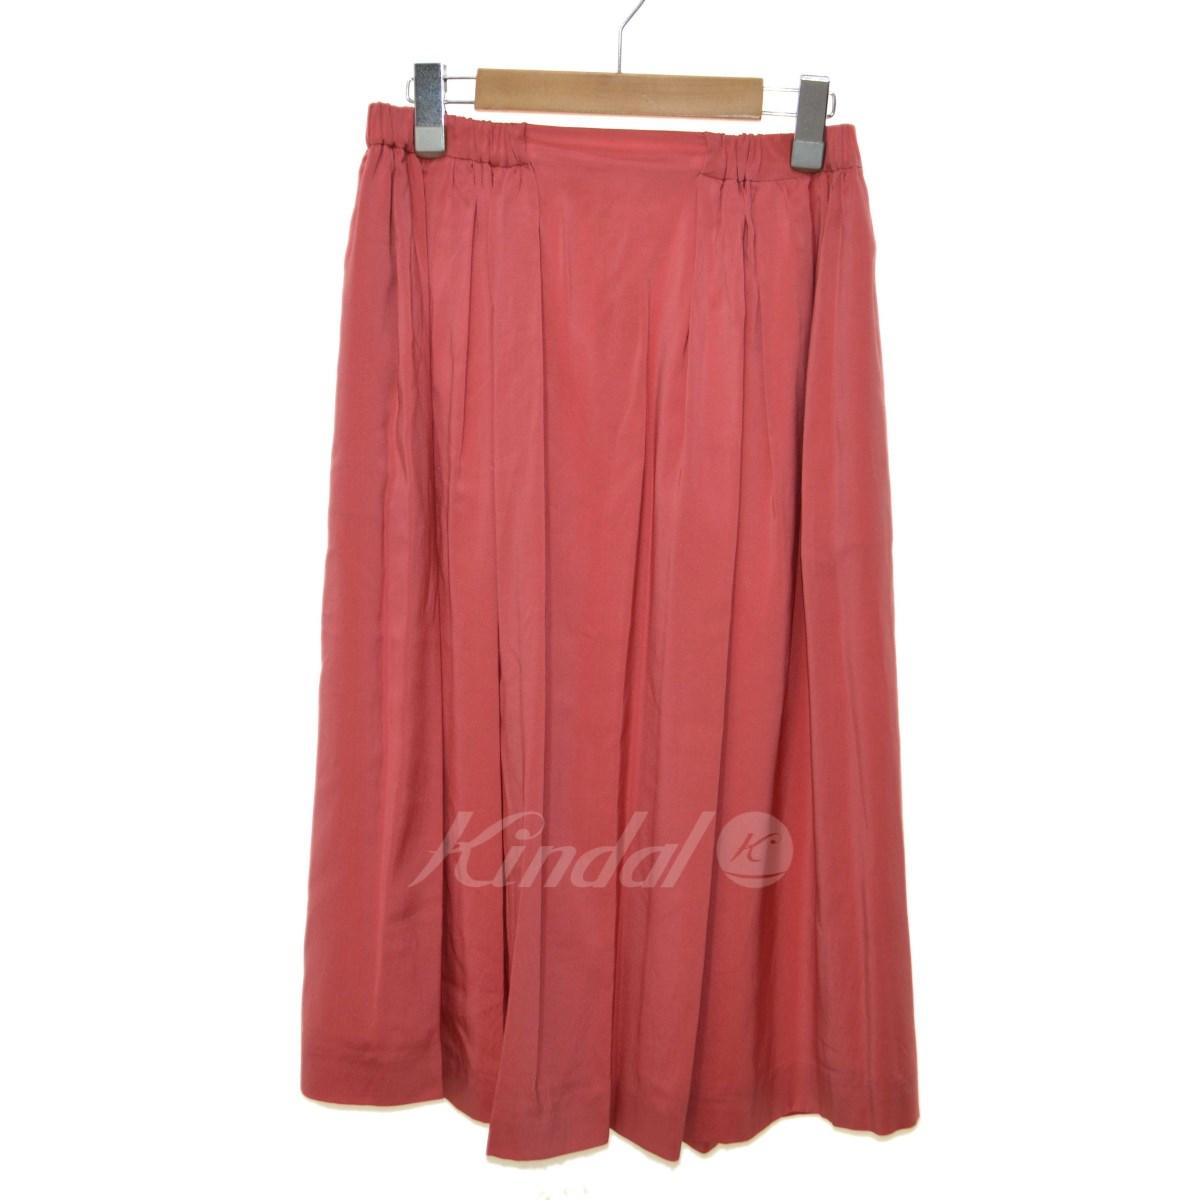 【中古】DRAWER シルクギャザーミモレ丈スカート ピンク サイズ:36 【211019】(ドゥロワー)